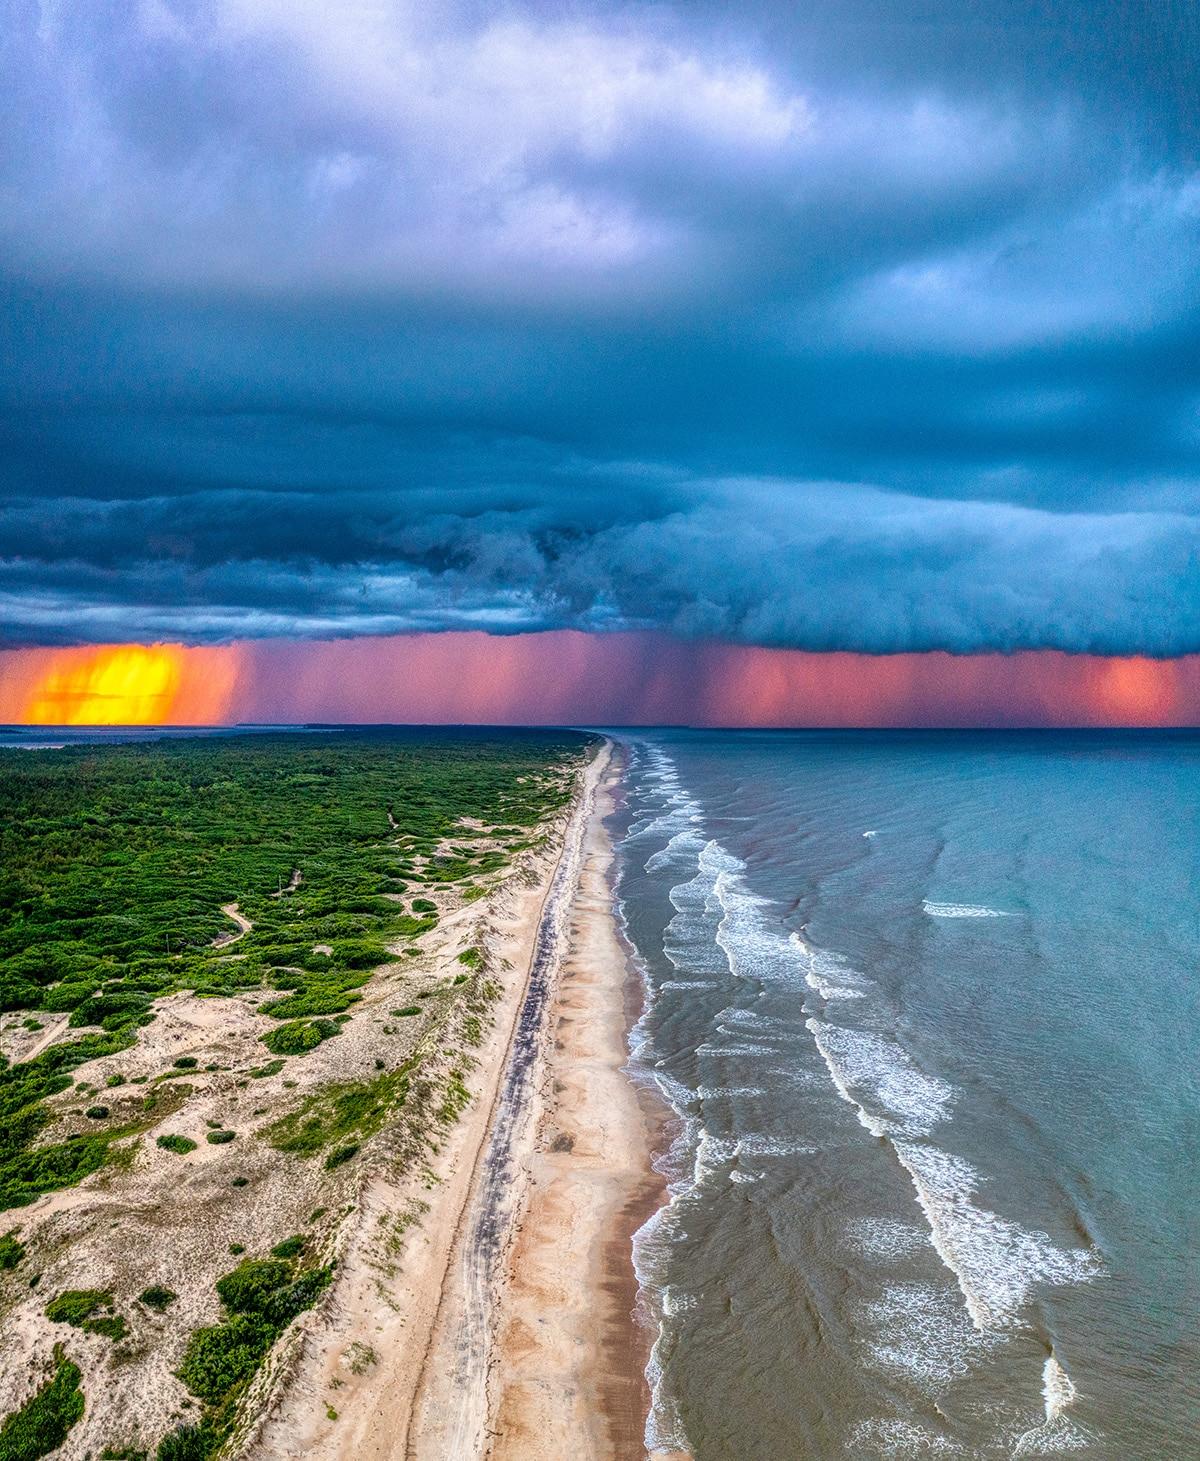 atardecer tormentoso en Carolina de norte